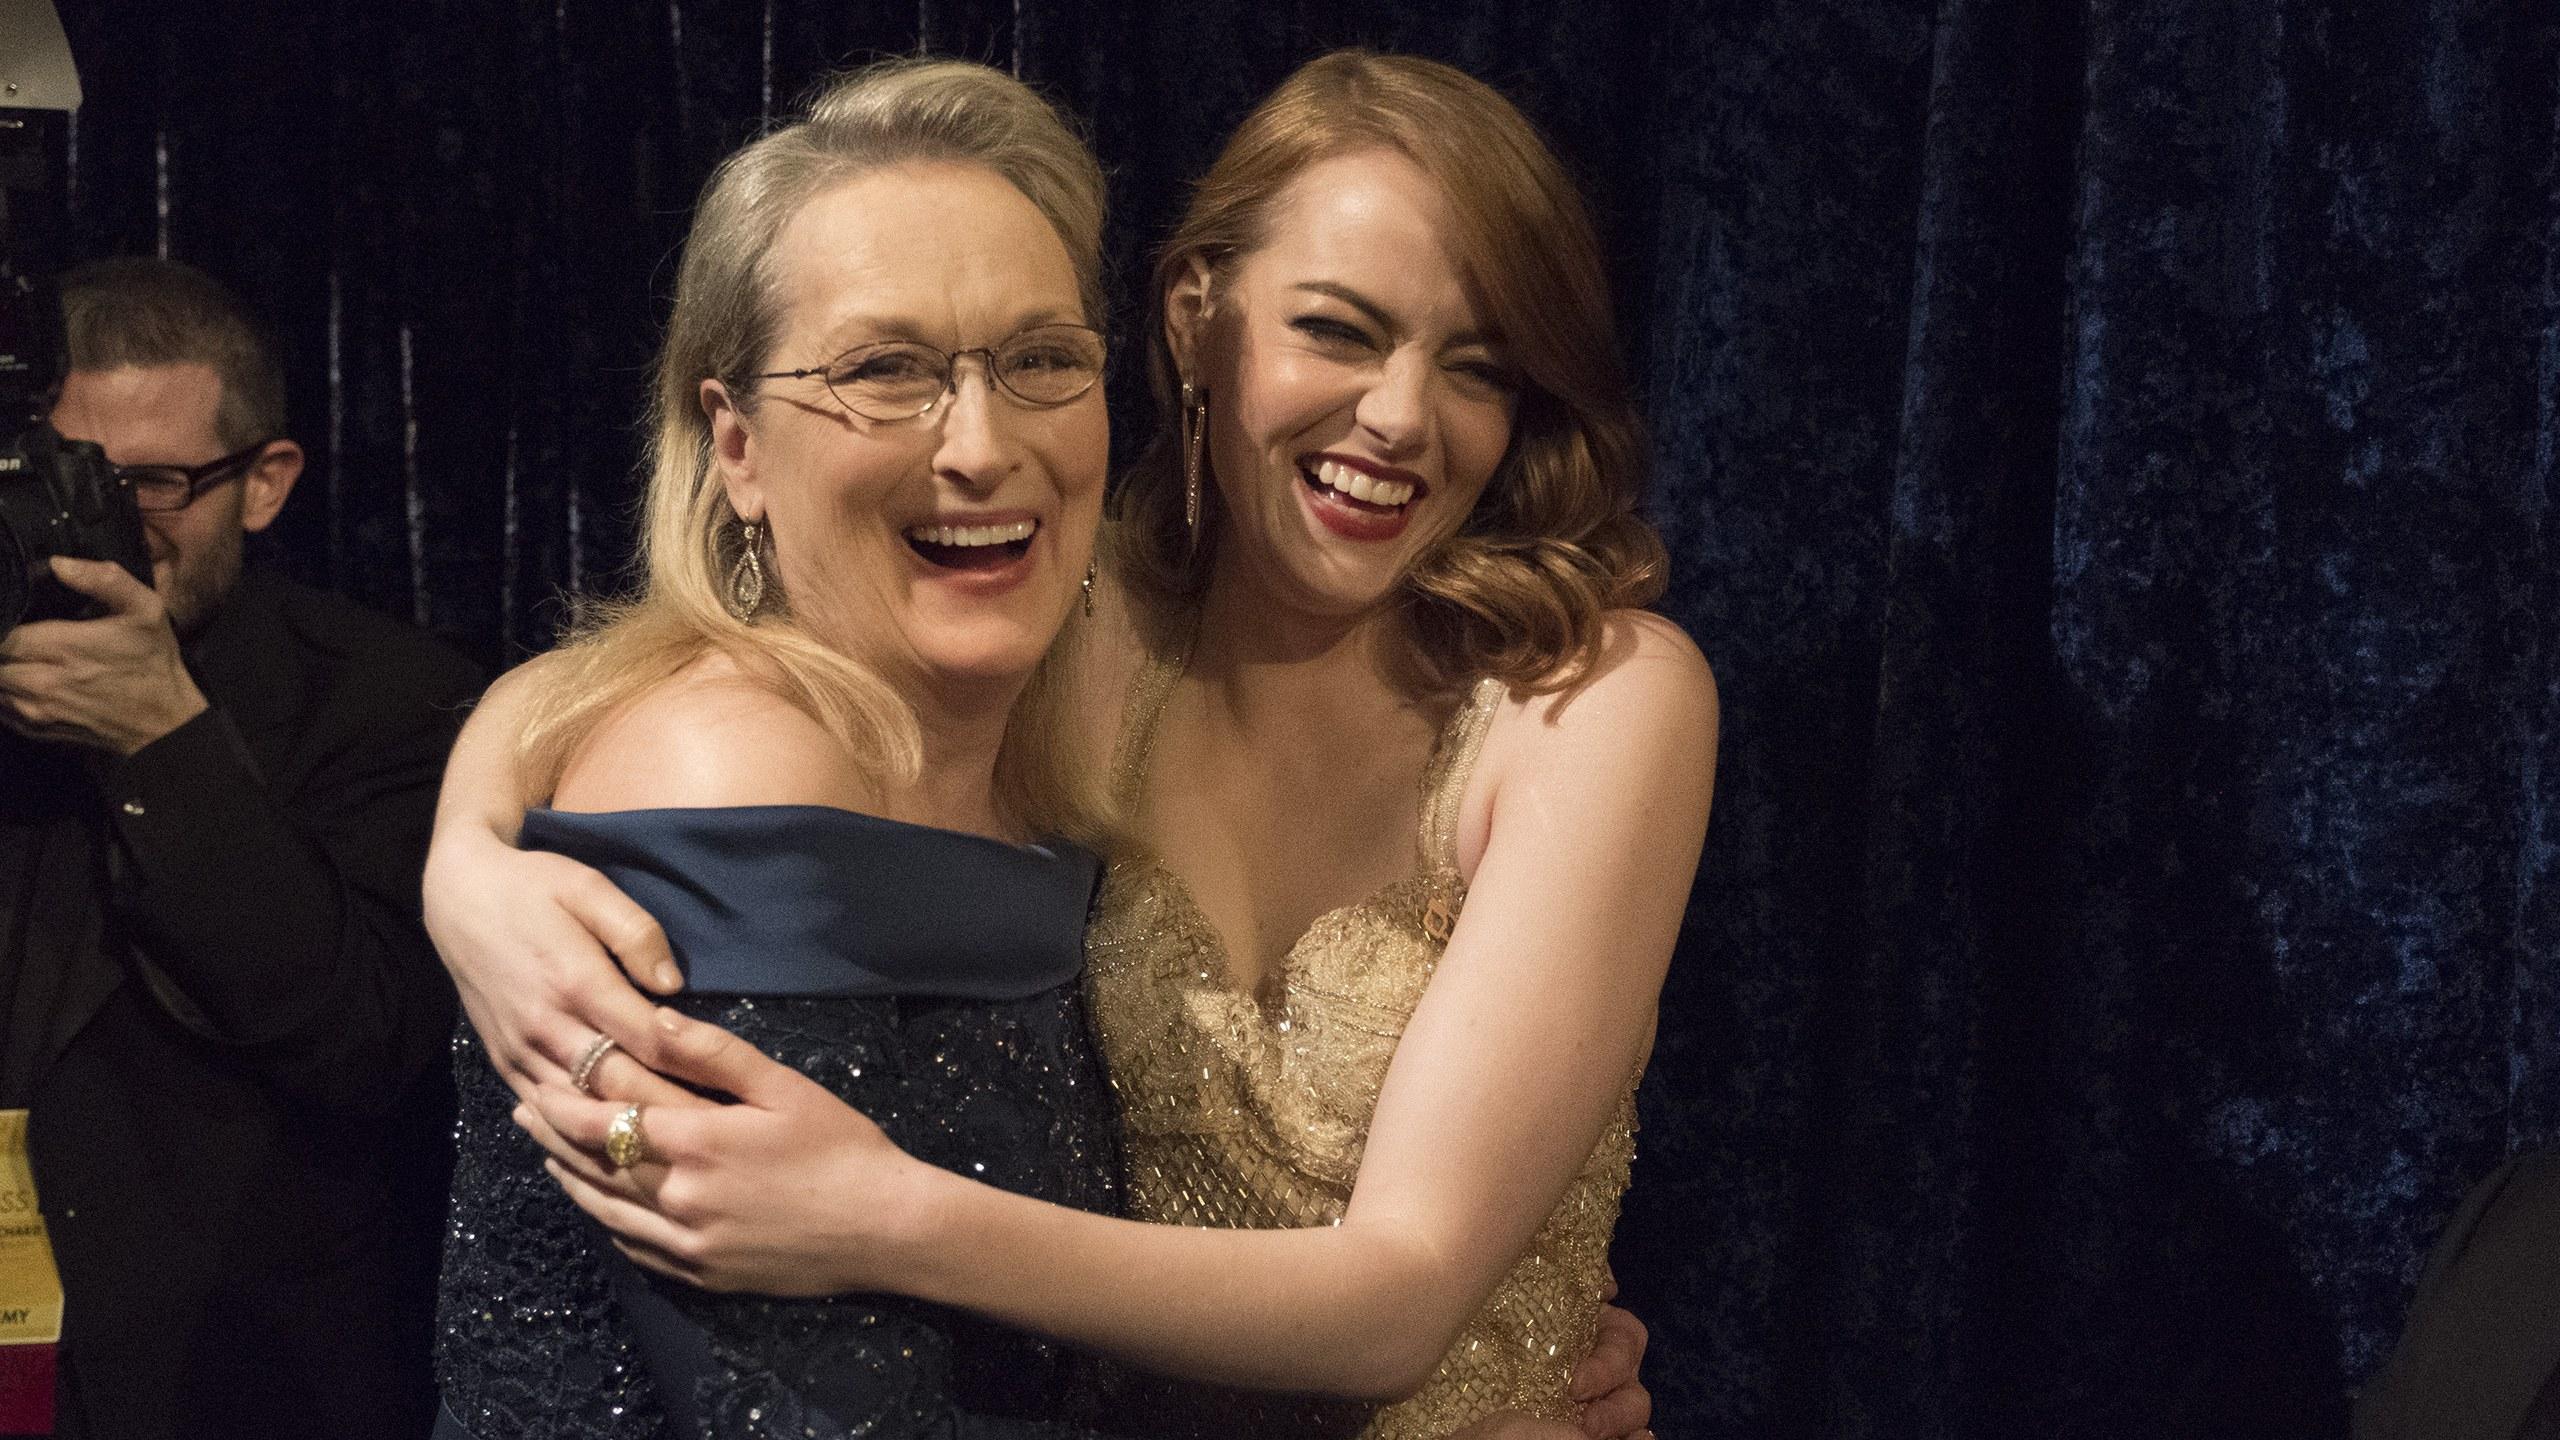 Meryl Streep, Emma Stone to host Met Gala 2020